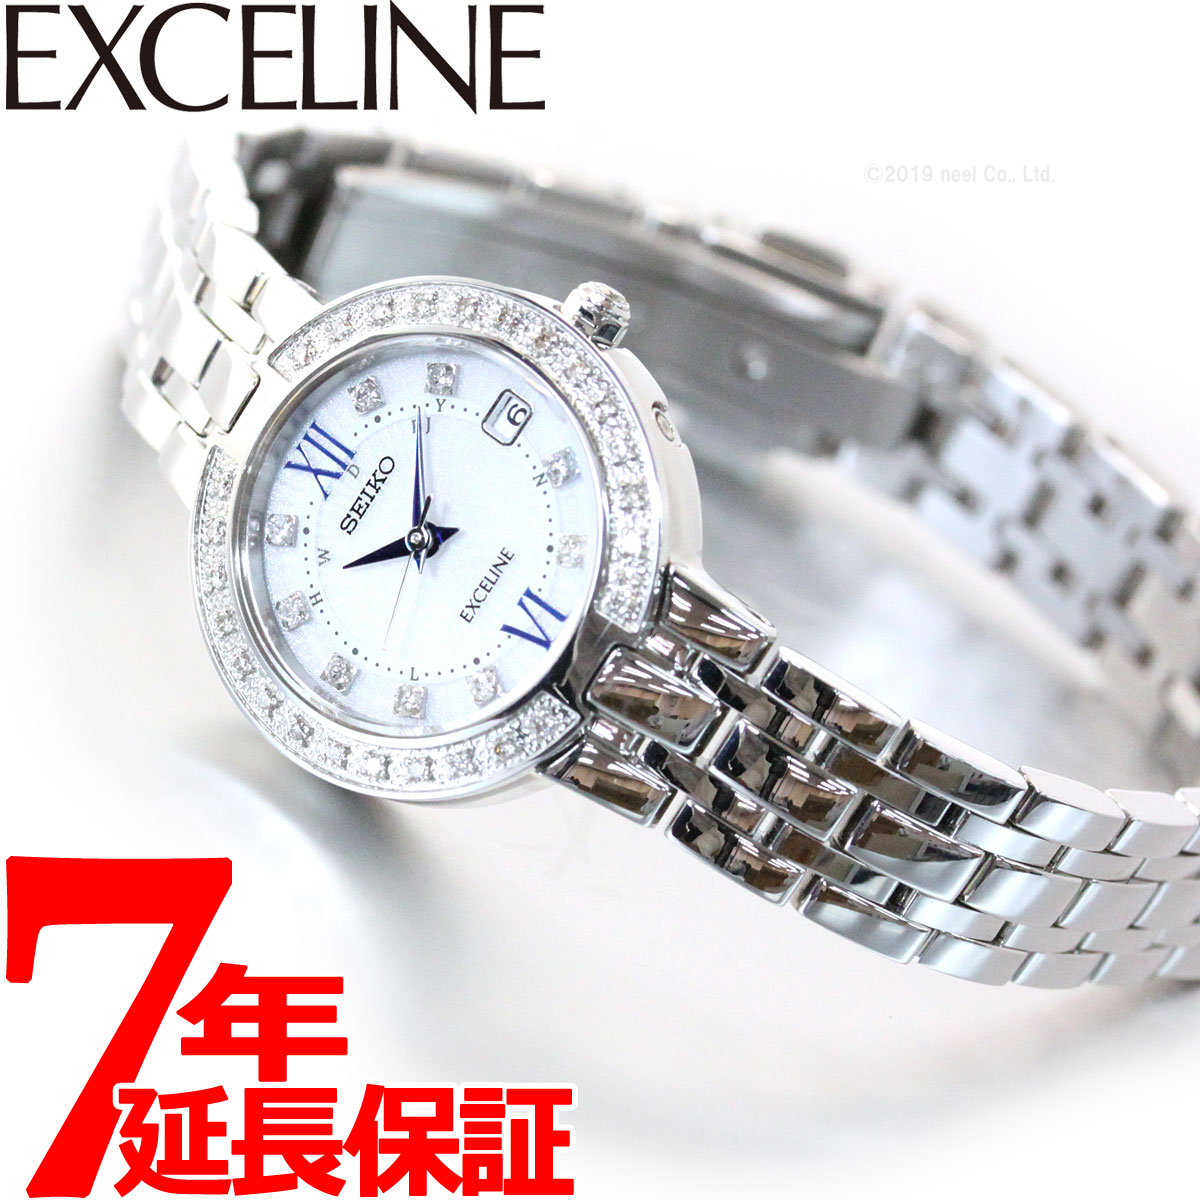 腕時計, レディース腕時計 2502000OFF51252359 SEIKO EXCELINE SWCW083